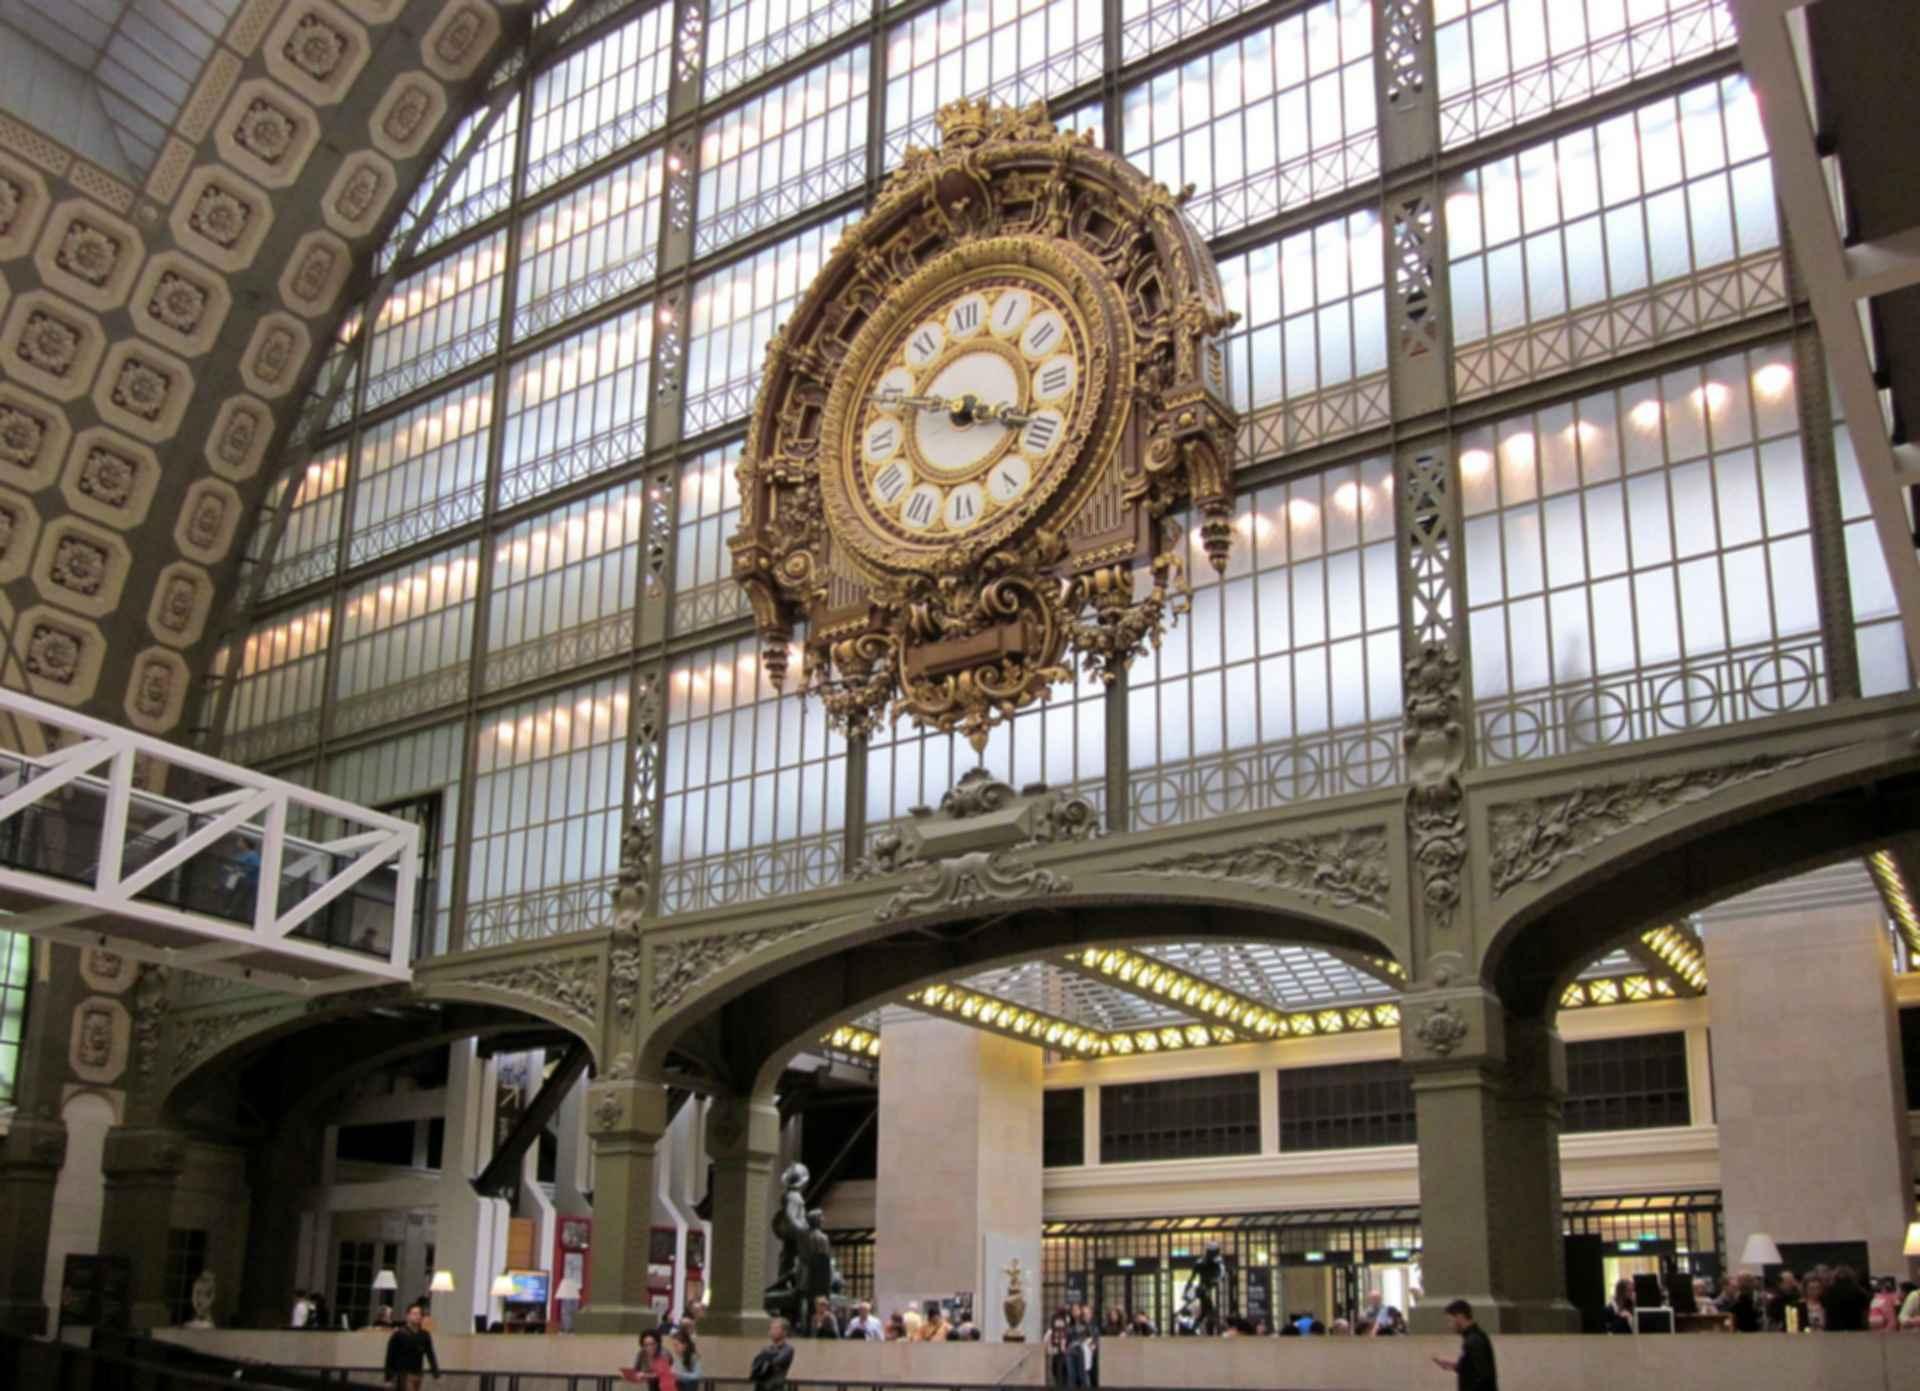 Musee d'Orsay - Clock